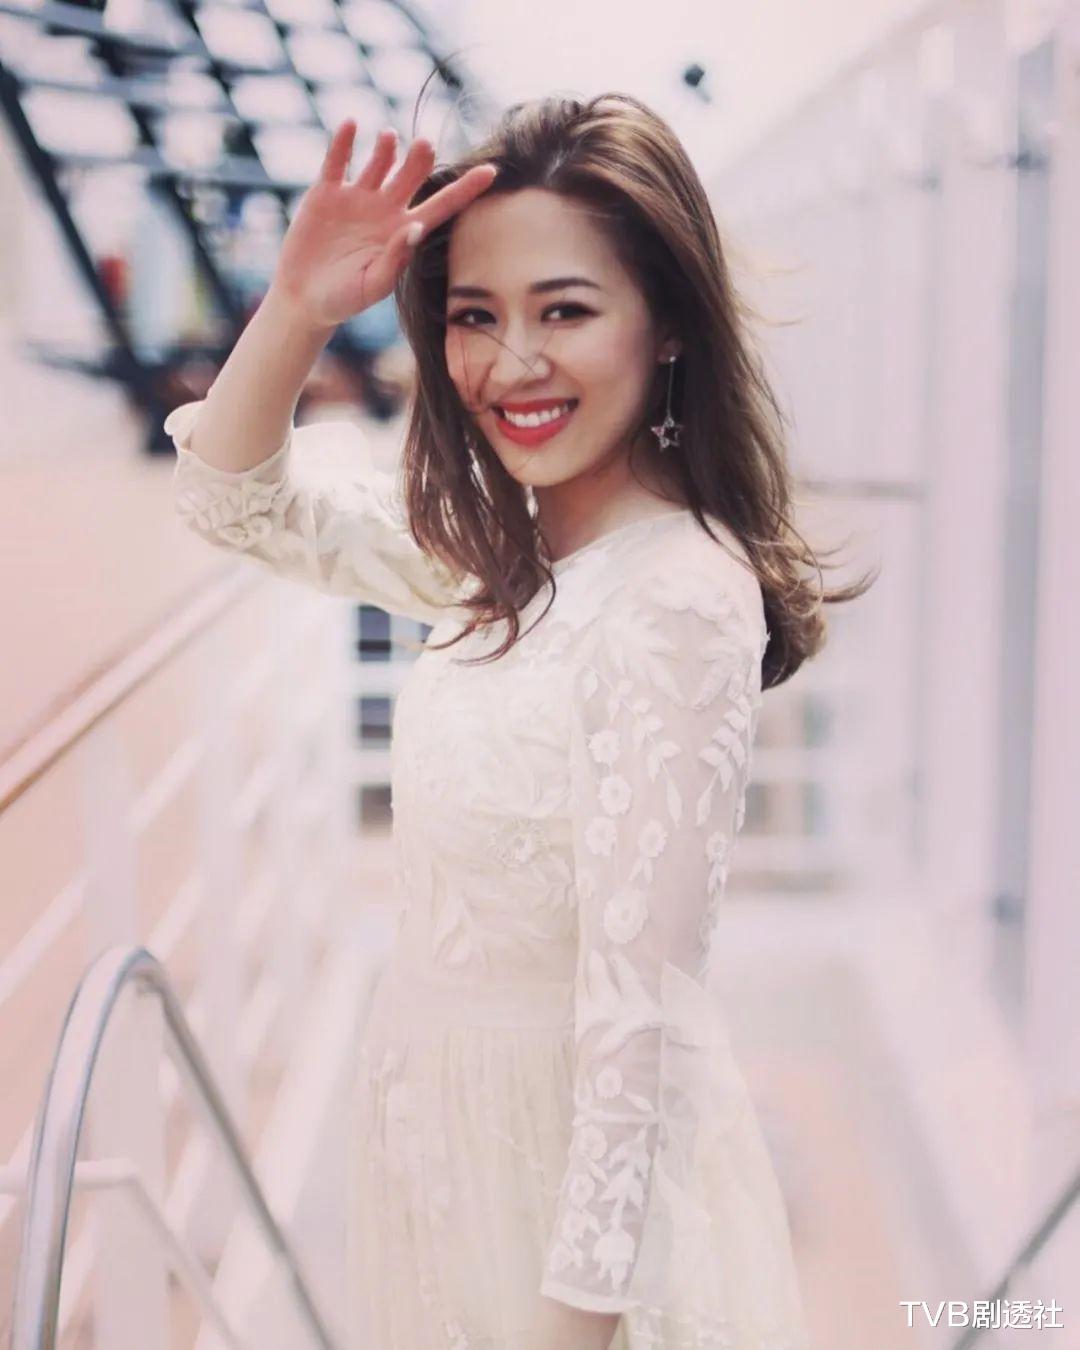 恭喜!32歲TVB港姐花旦被閨蜜曝結婚,曬鉆戒大方承認嫁金融才俊-圖4